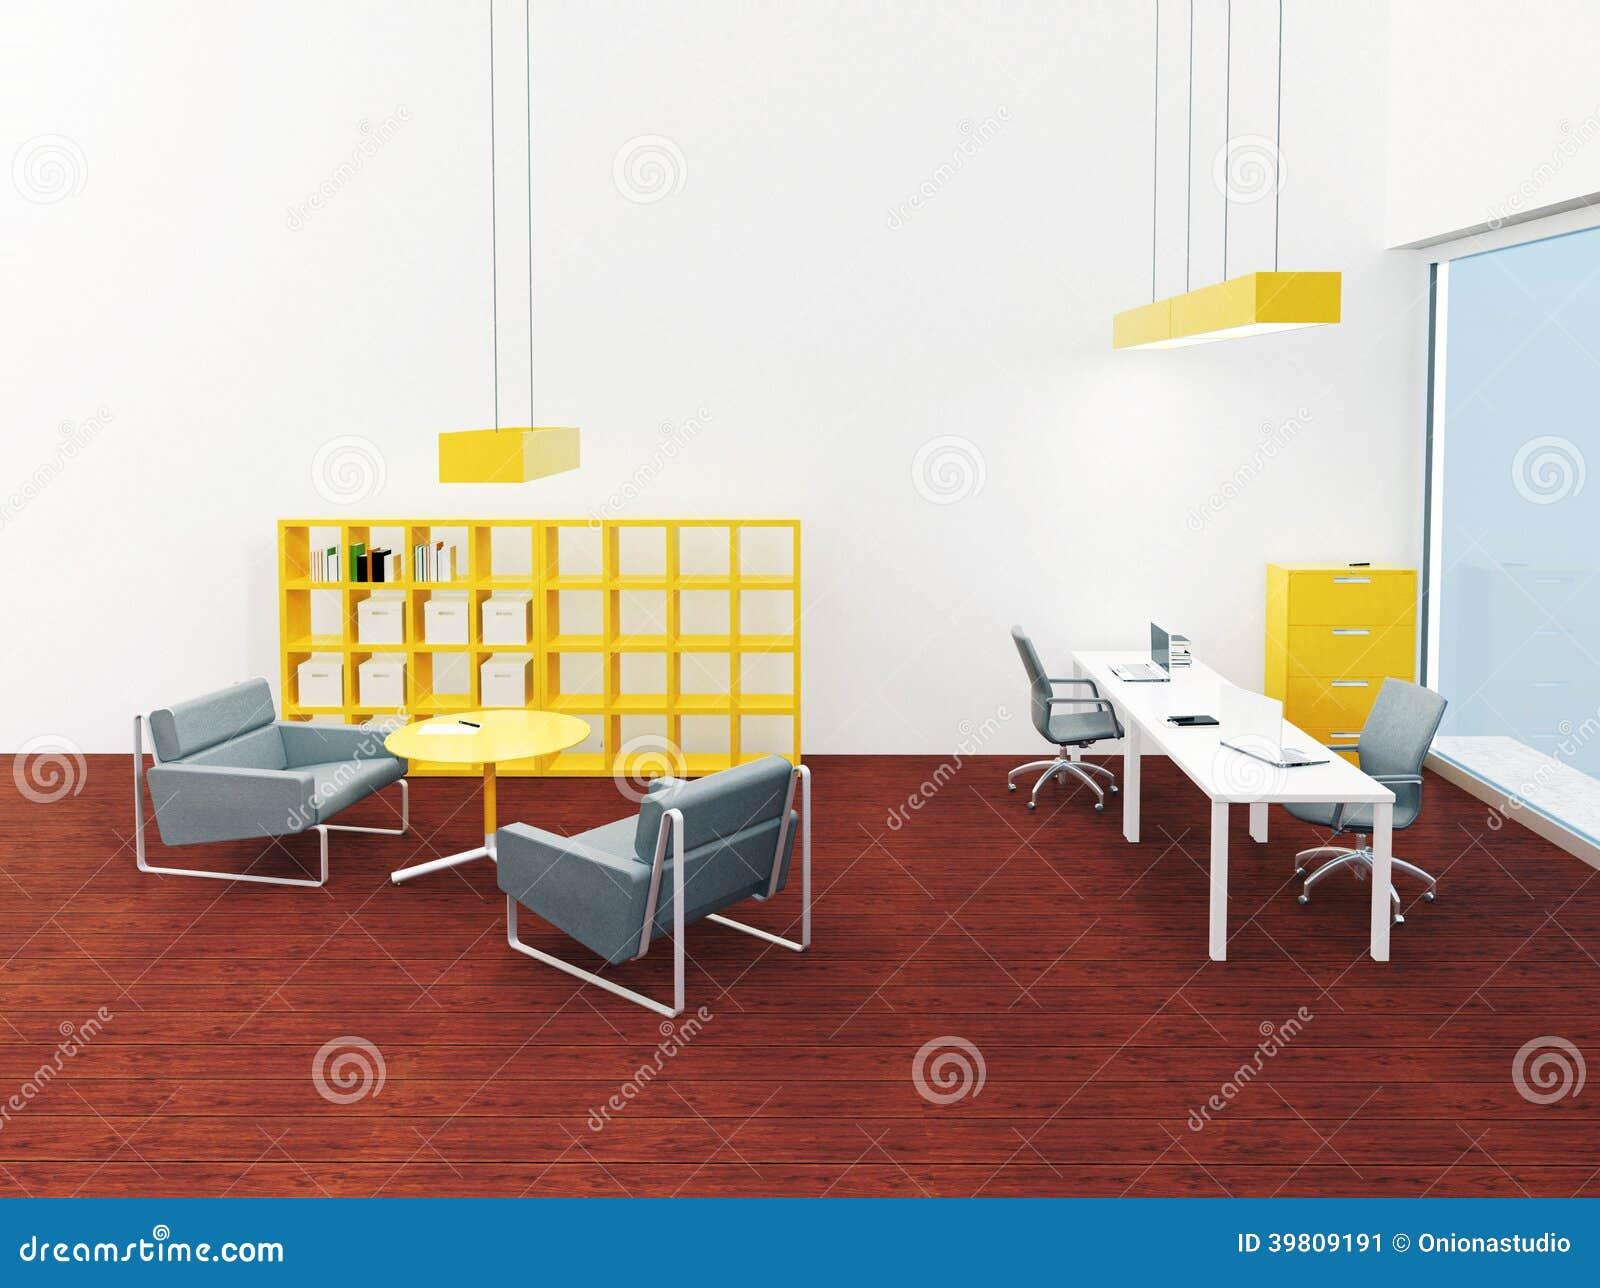 Piccolo Ufficio Moderno : Interno di piccolo ufficio moderno luminoso illustrazione di stock